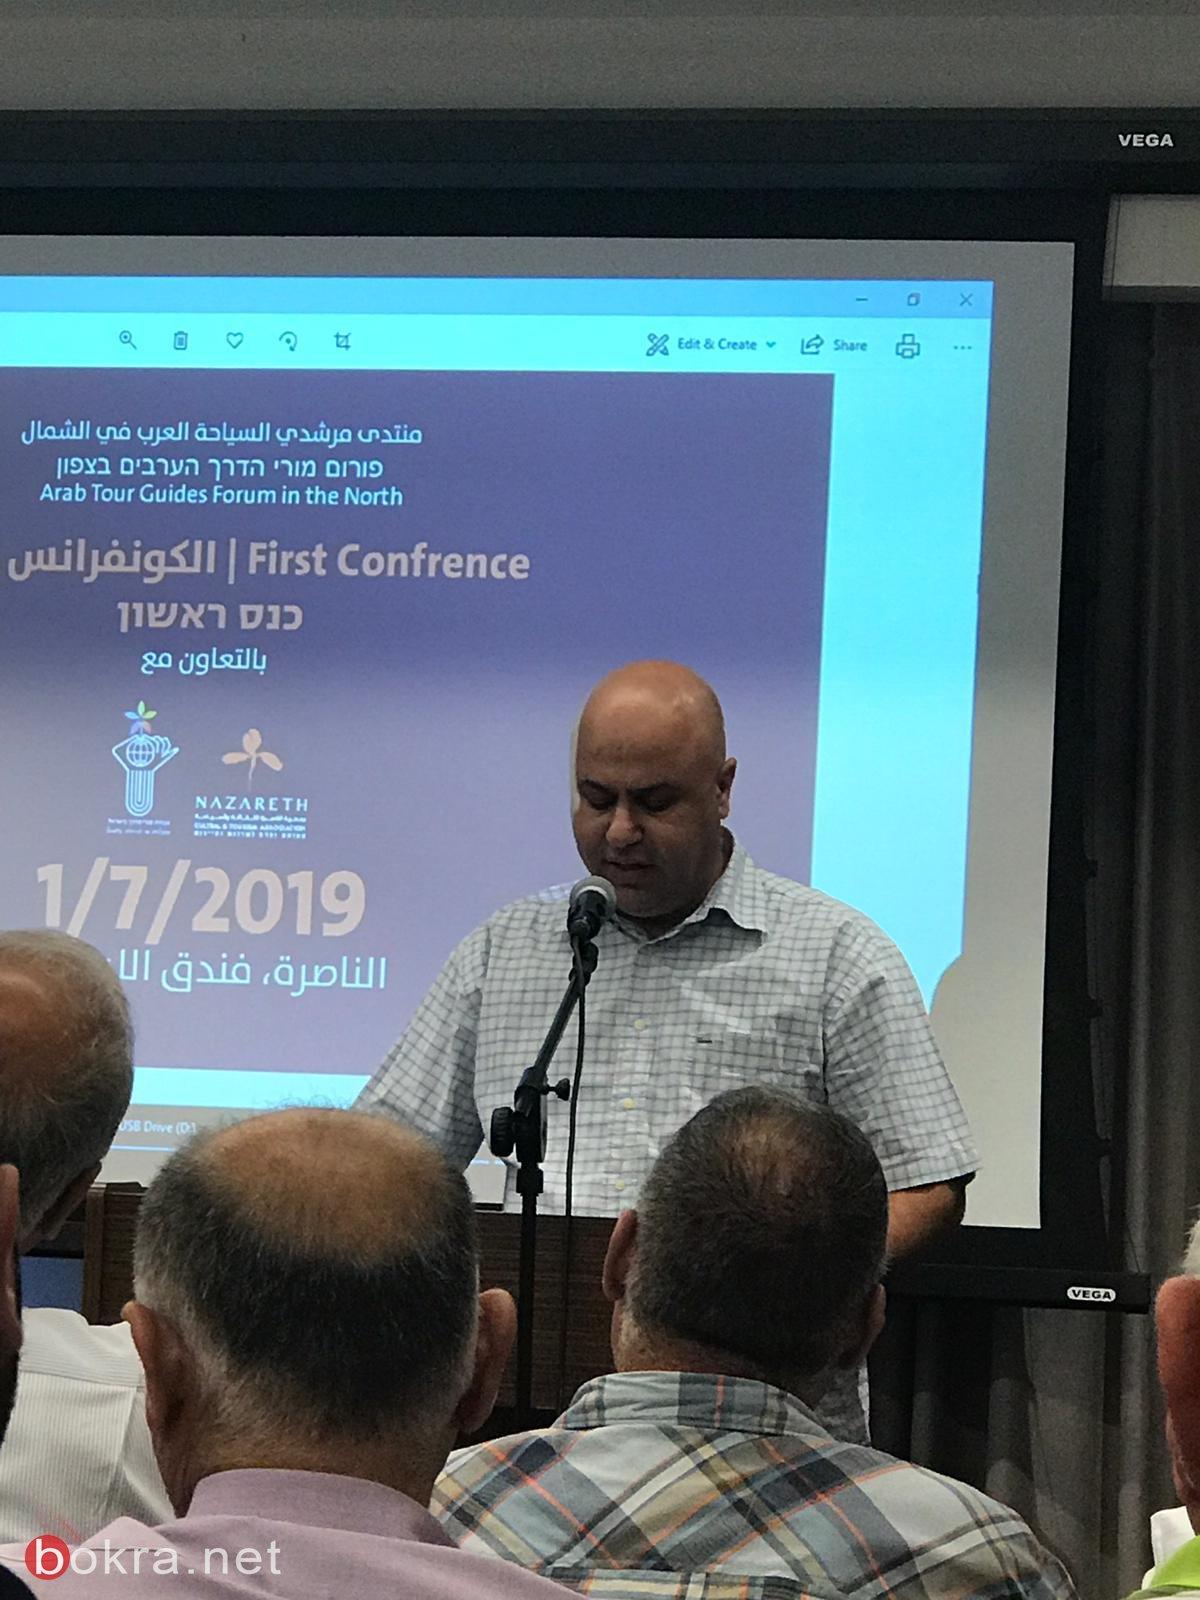 تأسيس منتدى مرشدي السياحة العرب في الشمال